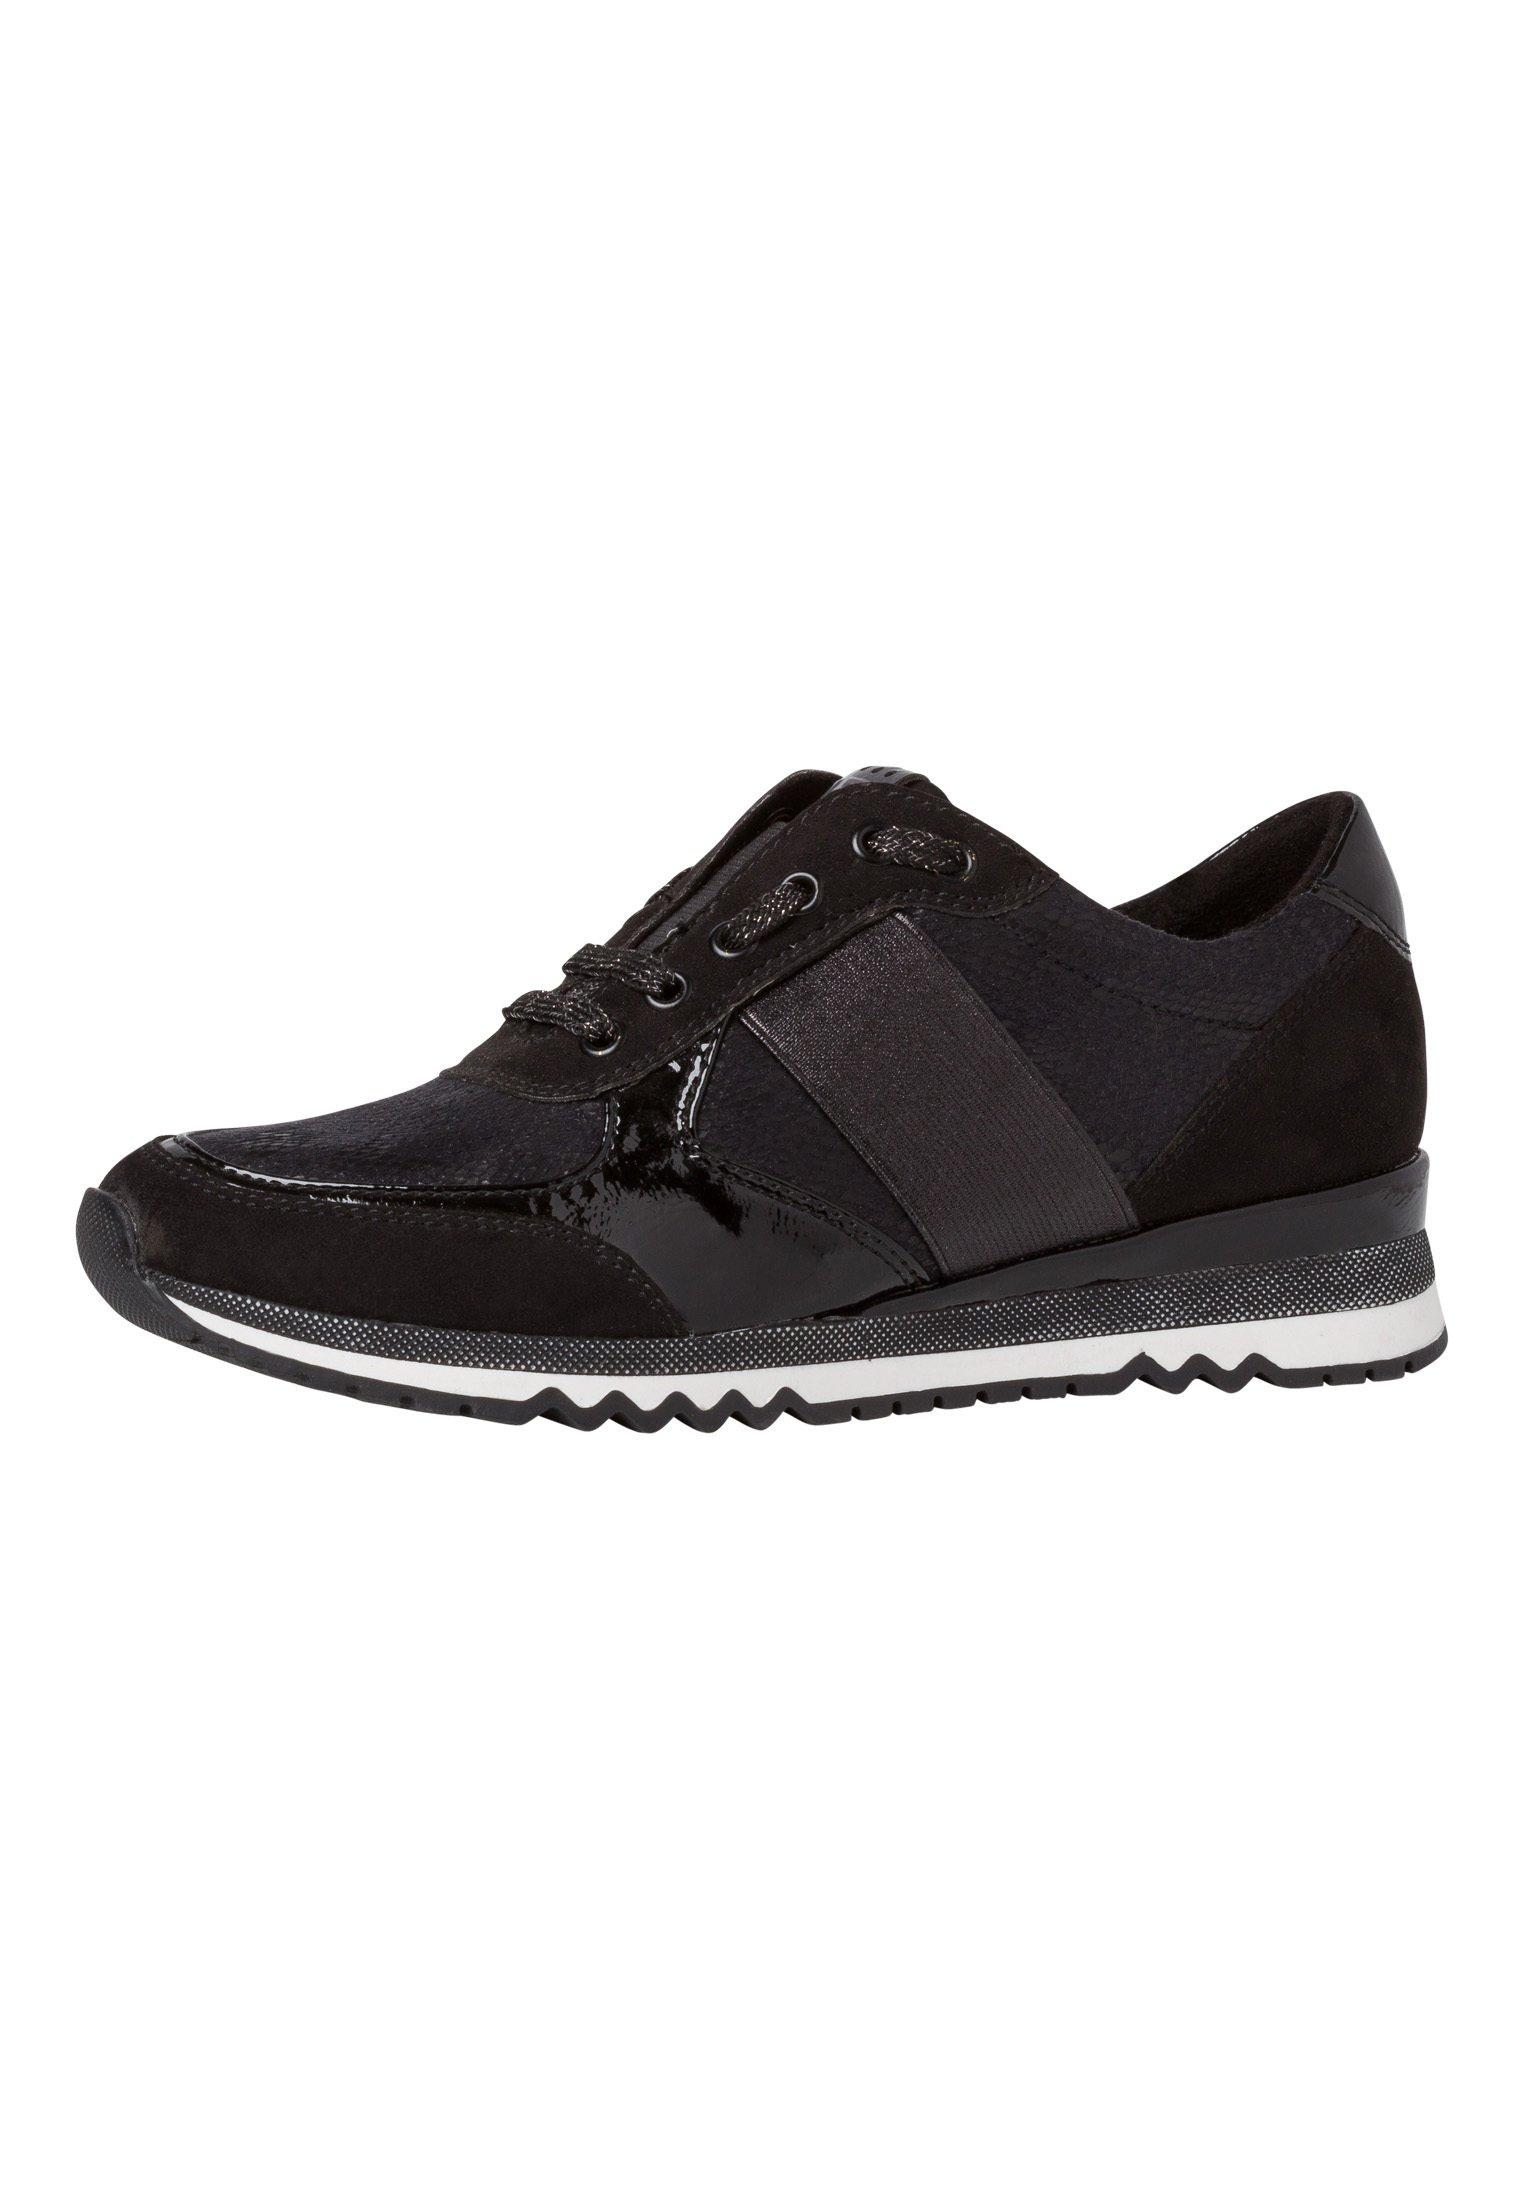 Marco Tozzi Sneakers - Black Met.comb